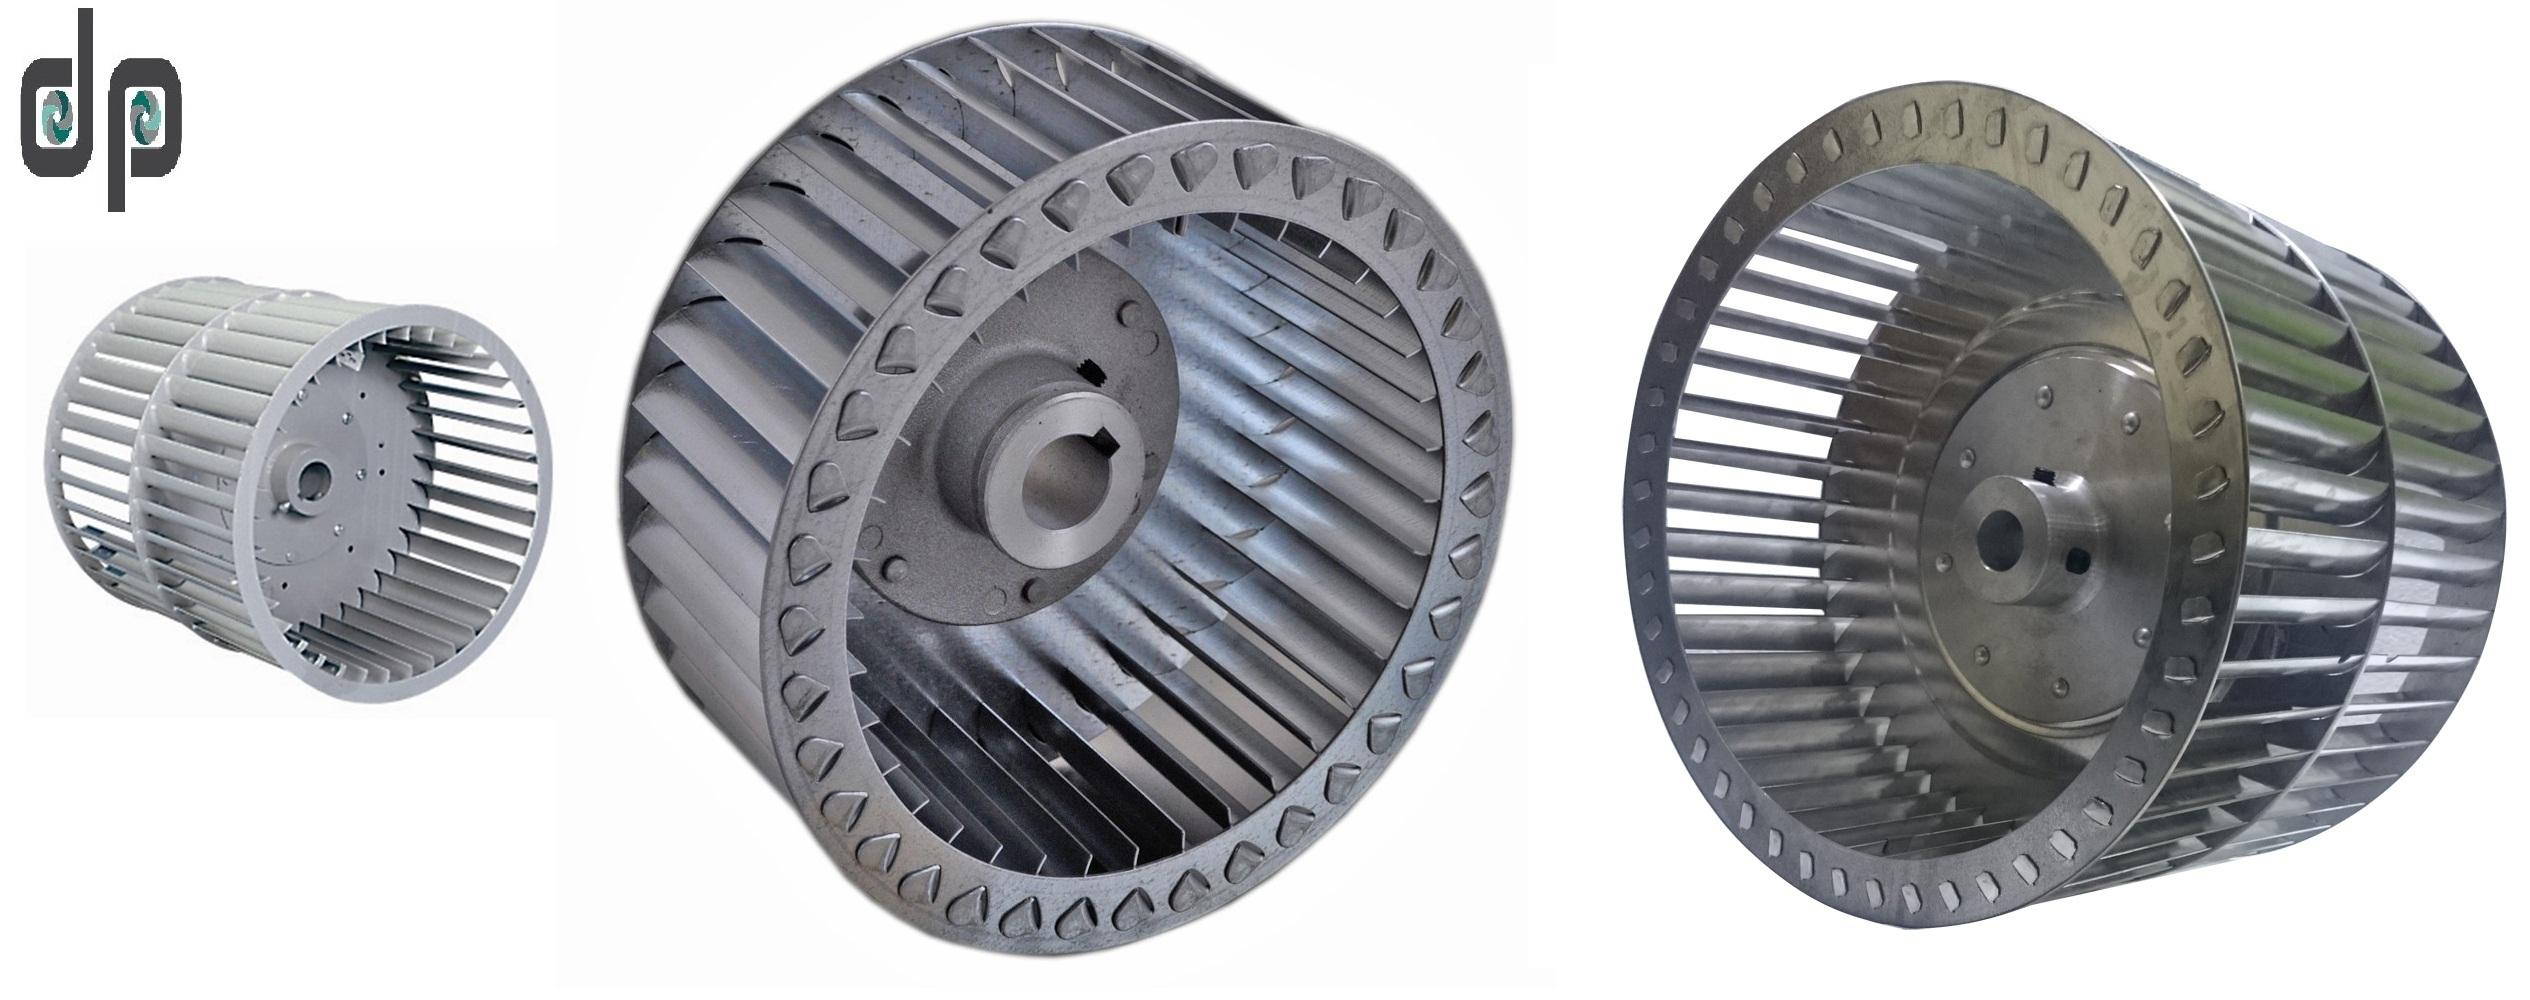 DIDW Centrifugal Fan 300 MM X 305 MM